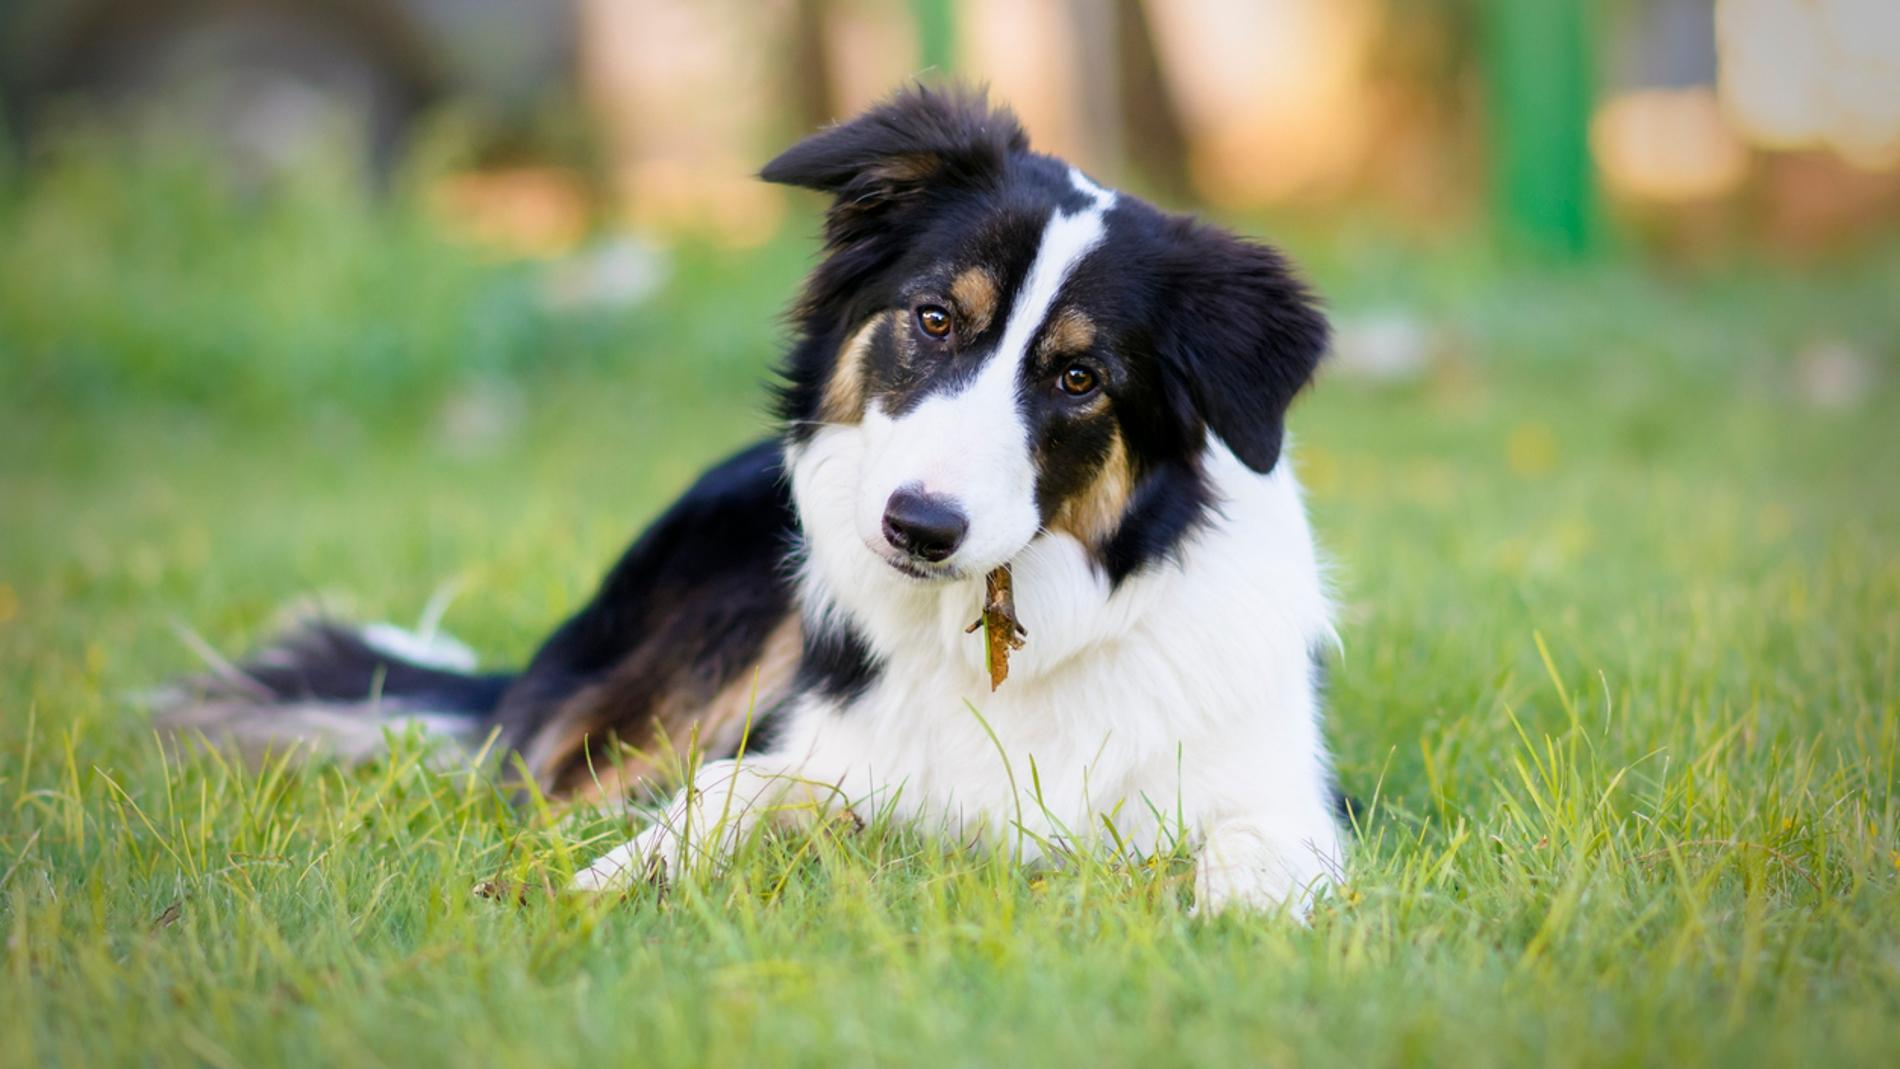 Las espigas: un verdadero peligro para los perros